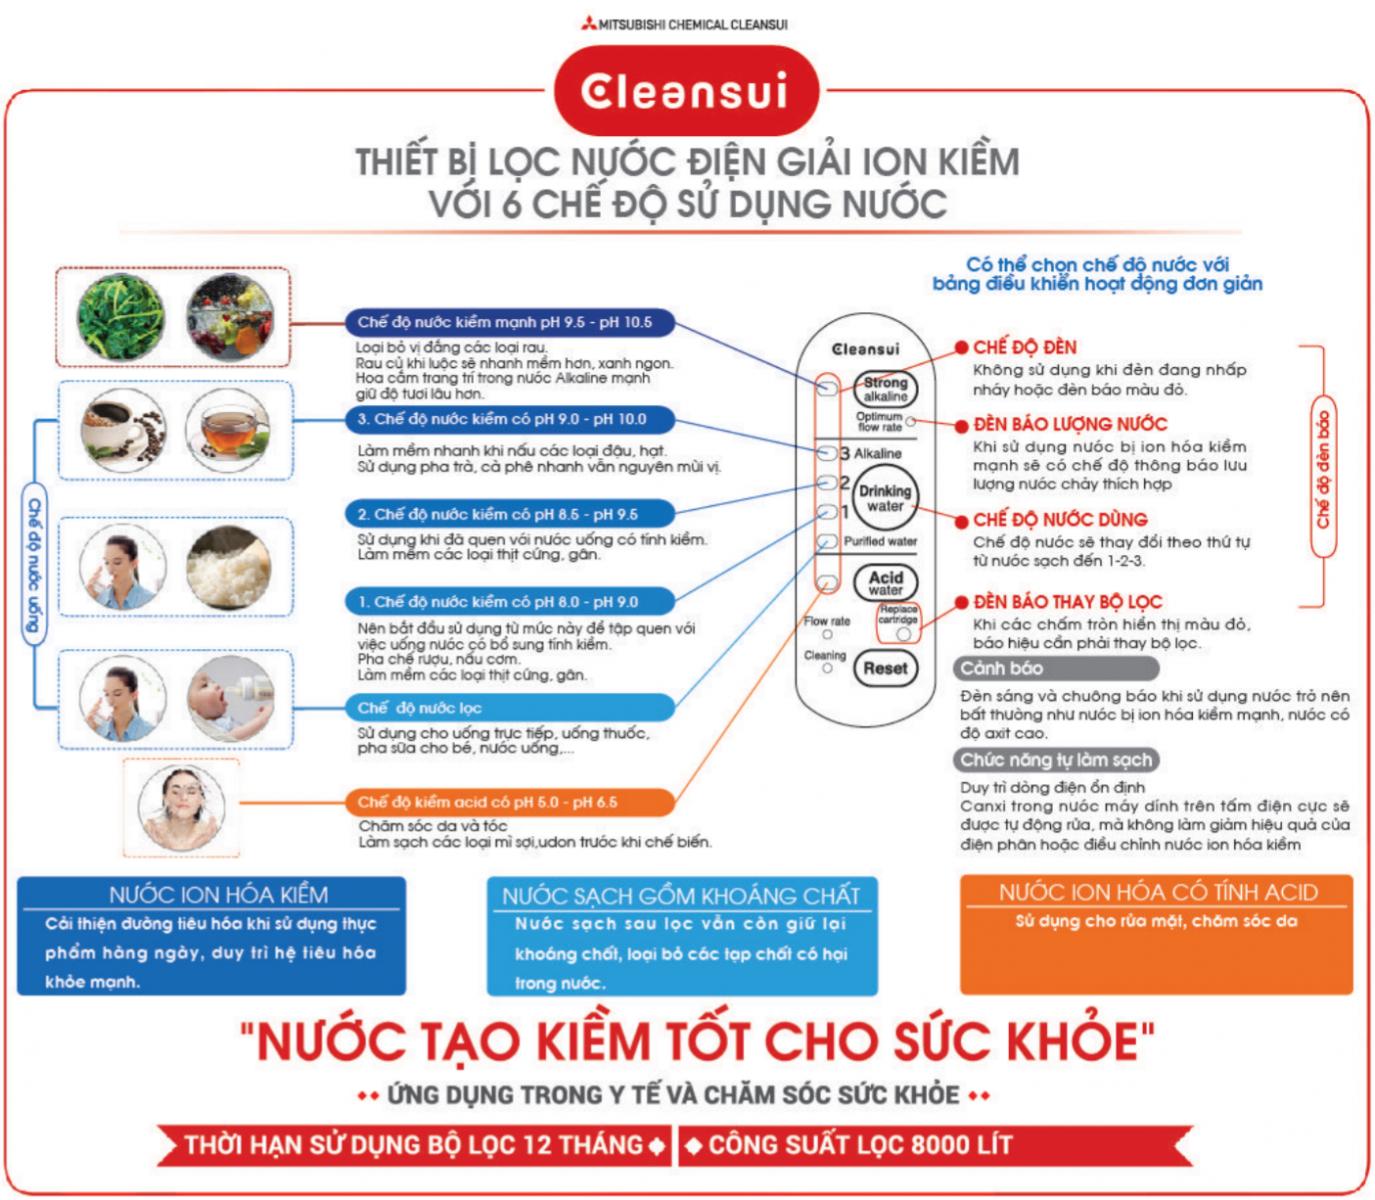 thiết kế và các chức năng của cleansui máy lọc nước tạo kiểm